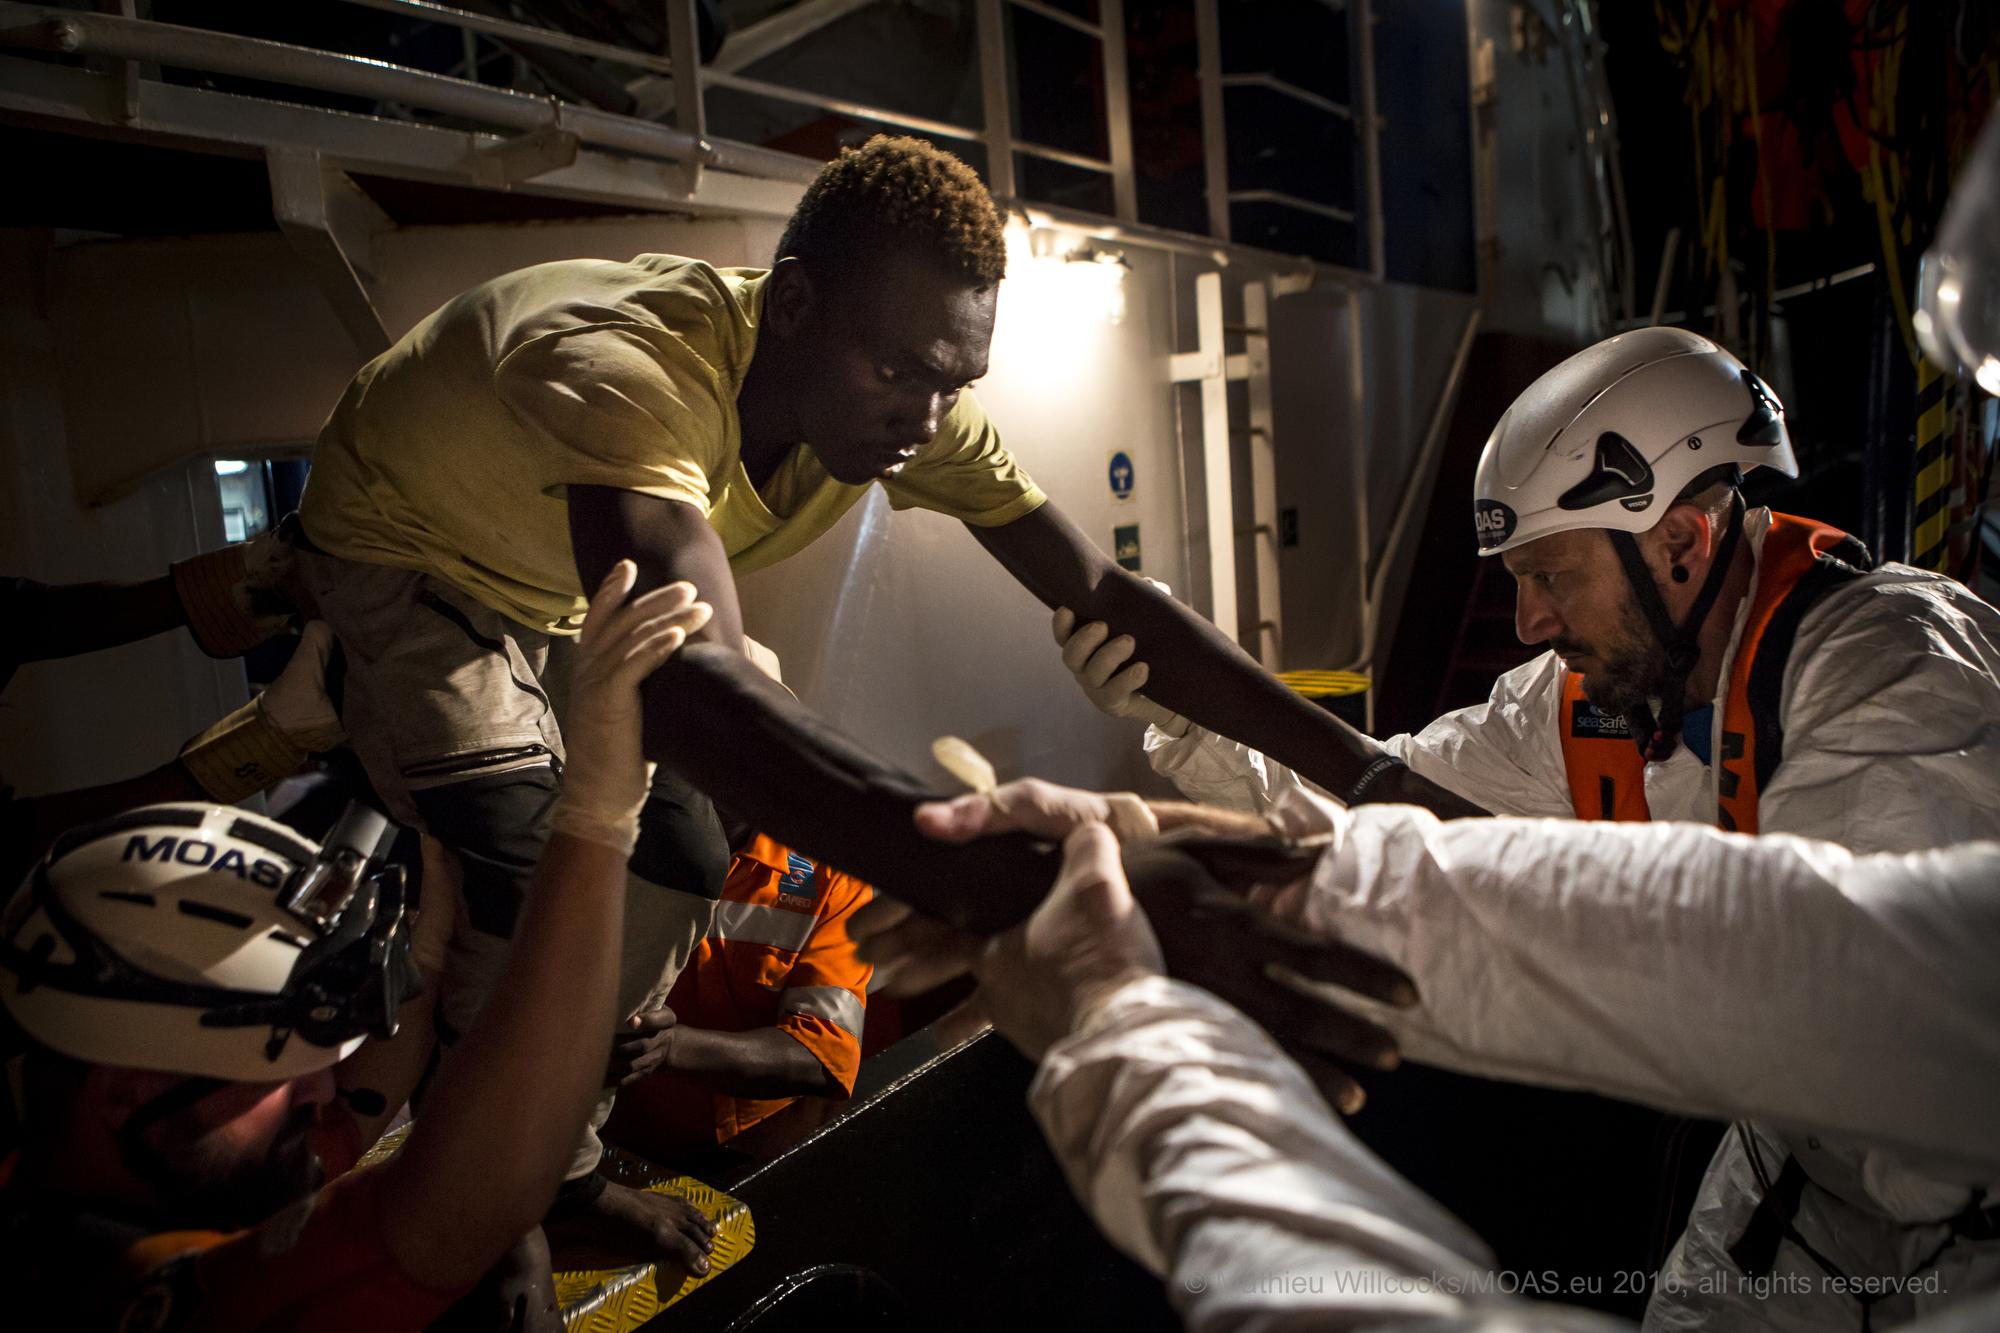 Nell'indifferenza di tutti l'emergenza migranti aumenta. Sono più di 10 mila le persone salvate in meno di una settimana